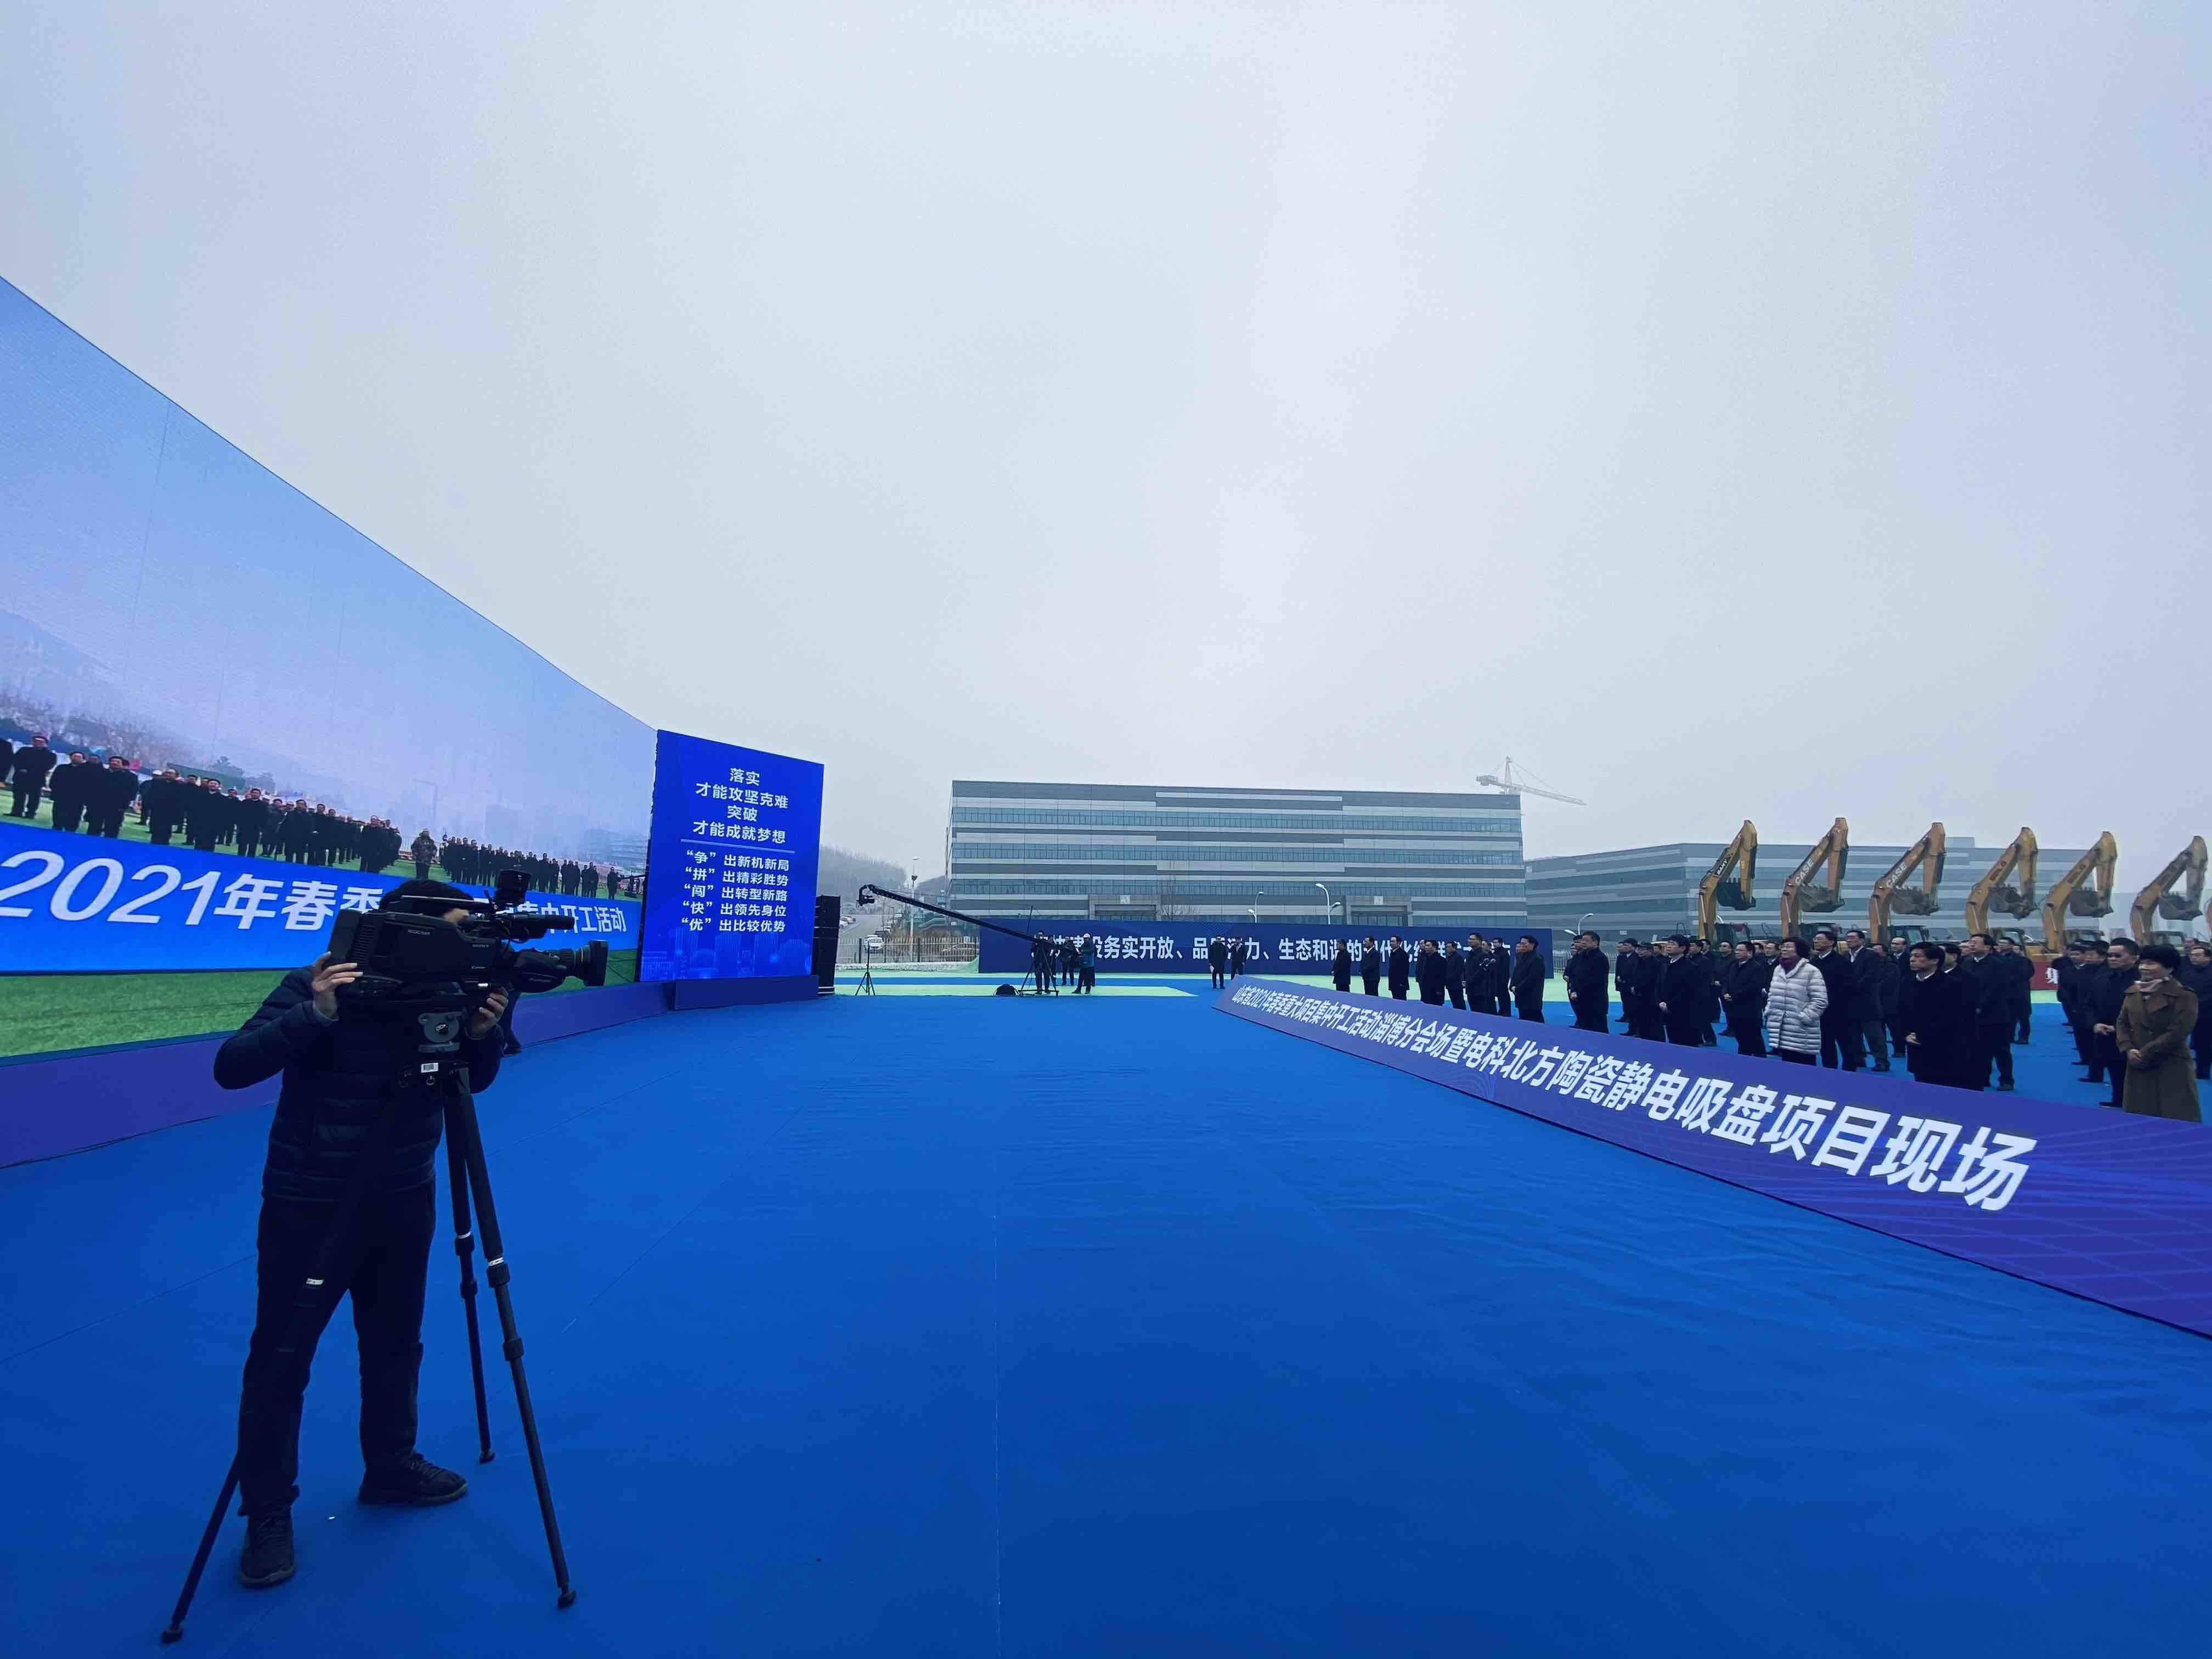 总投资465亿元 淄博60个项目参与全省重大项目集中开工